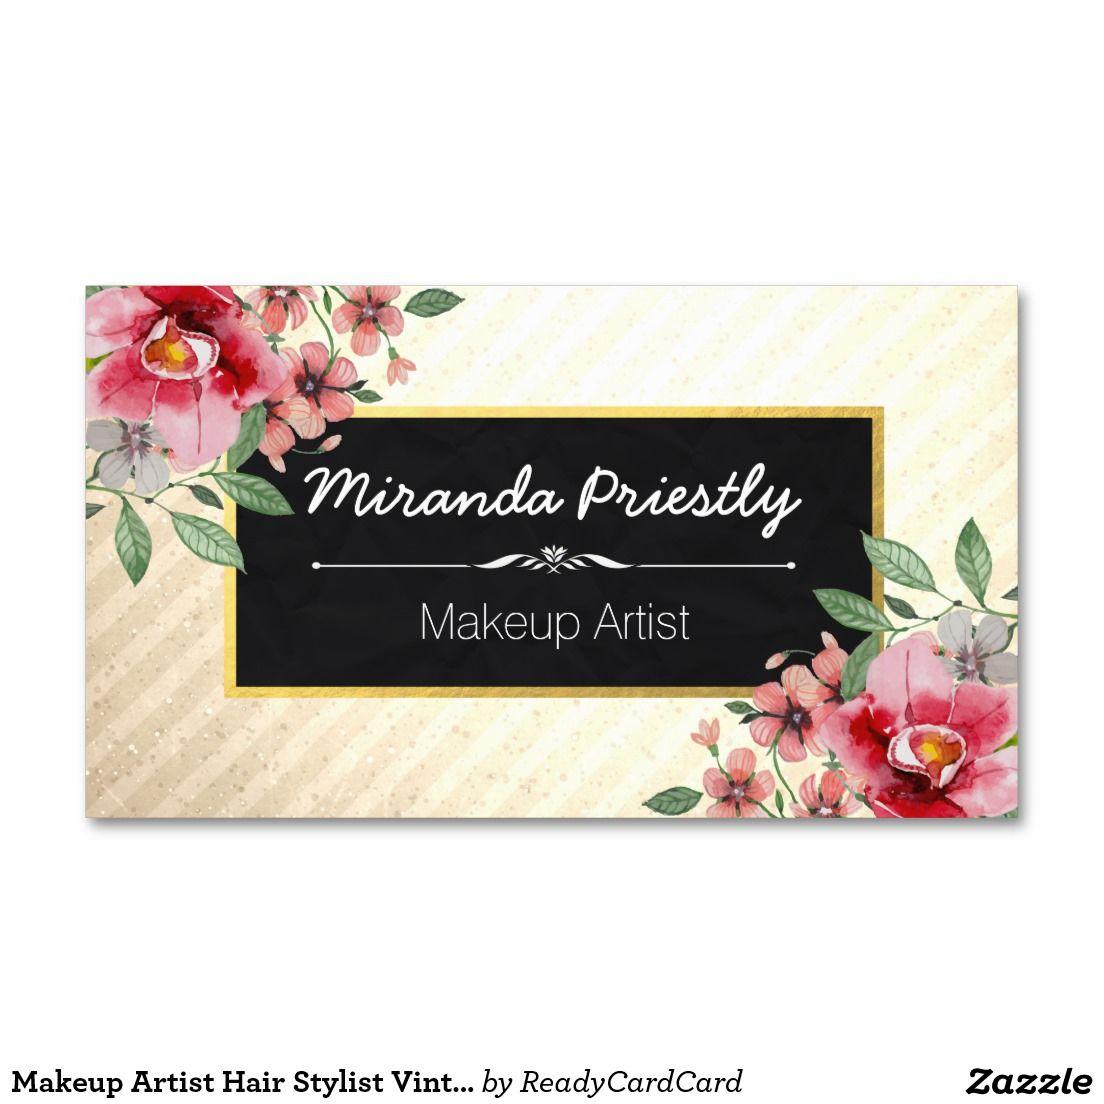 Makeup Artist Hair Stylist Vintage Floral Elegant Business Card ...